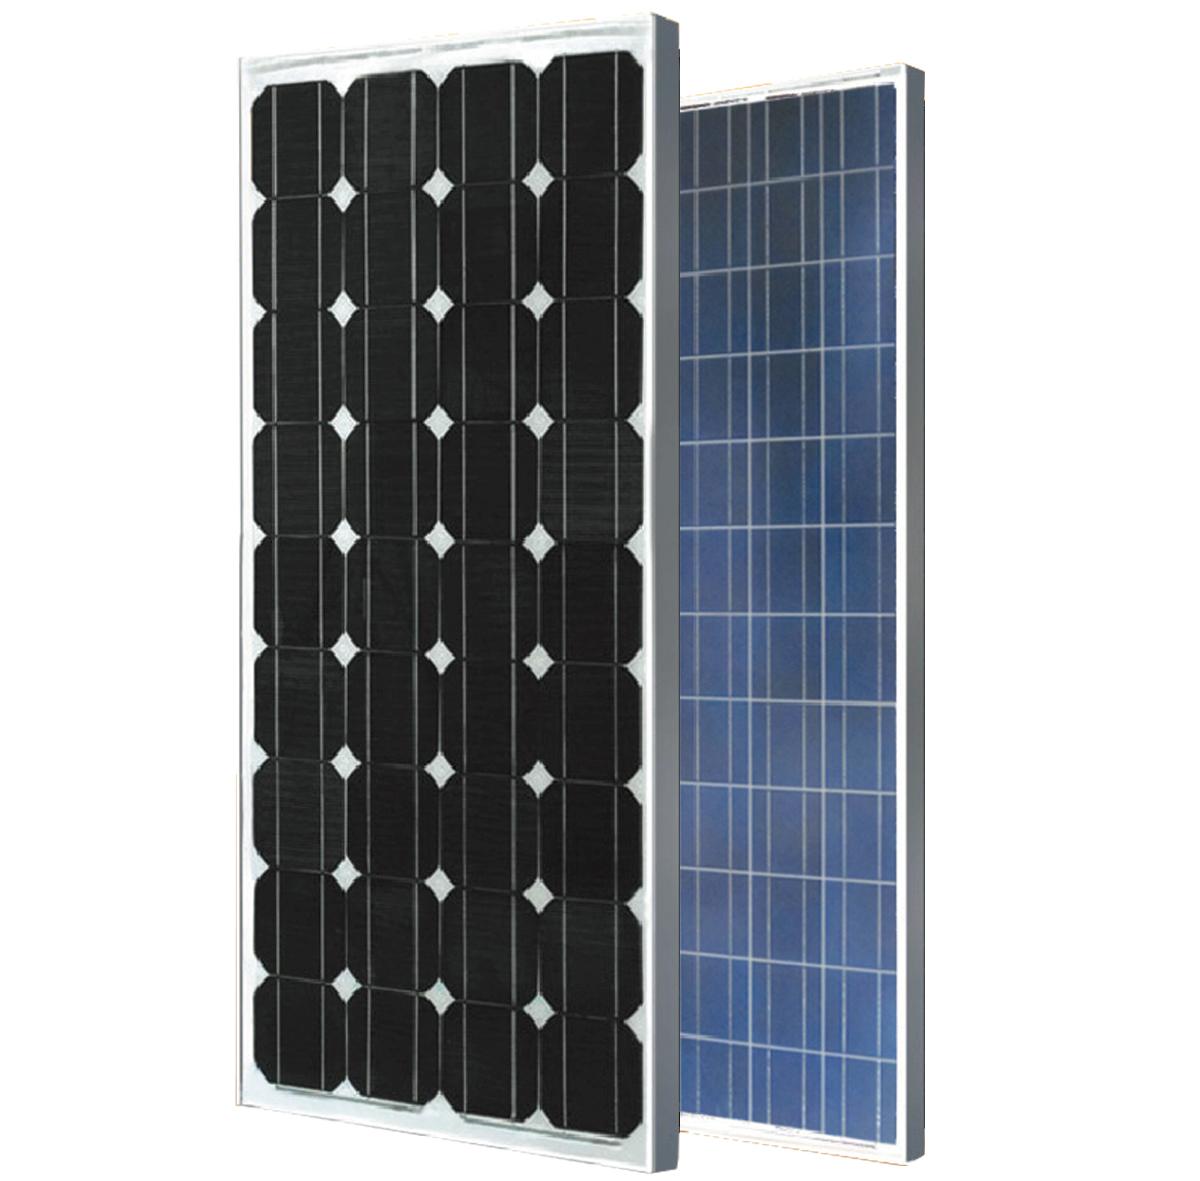 太阳能电池板的主要组成部分